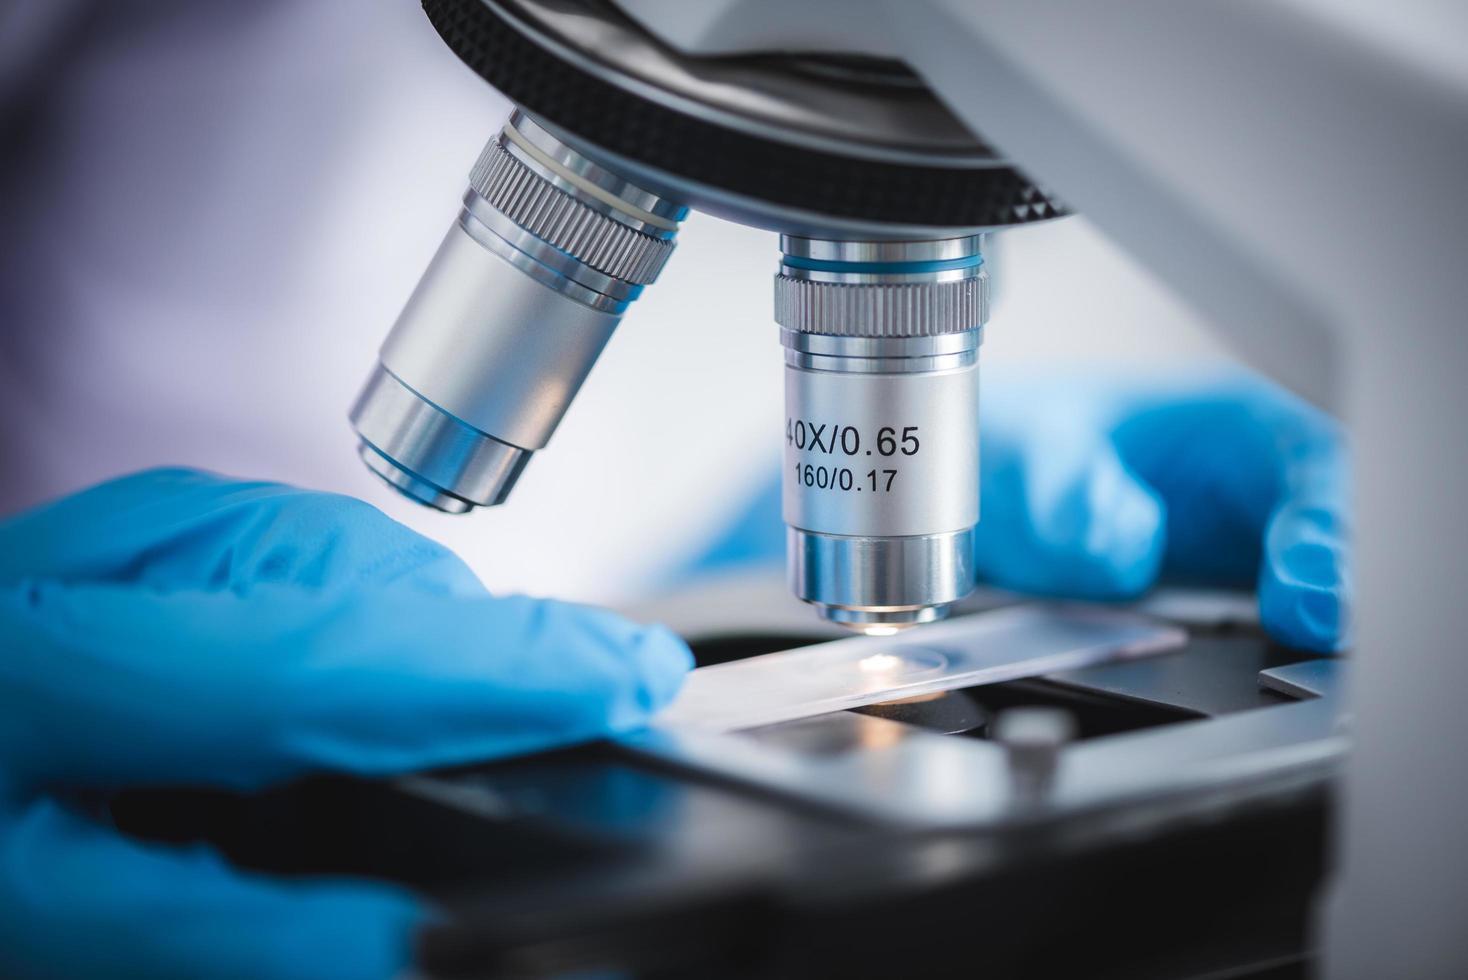 närbild av ett mikroskop foto